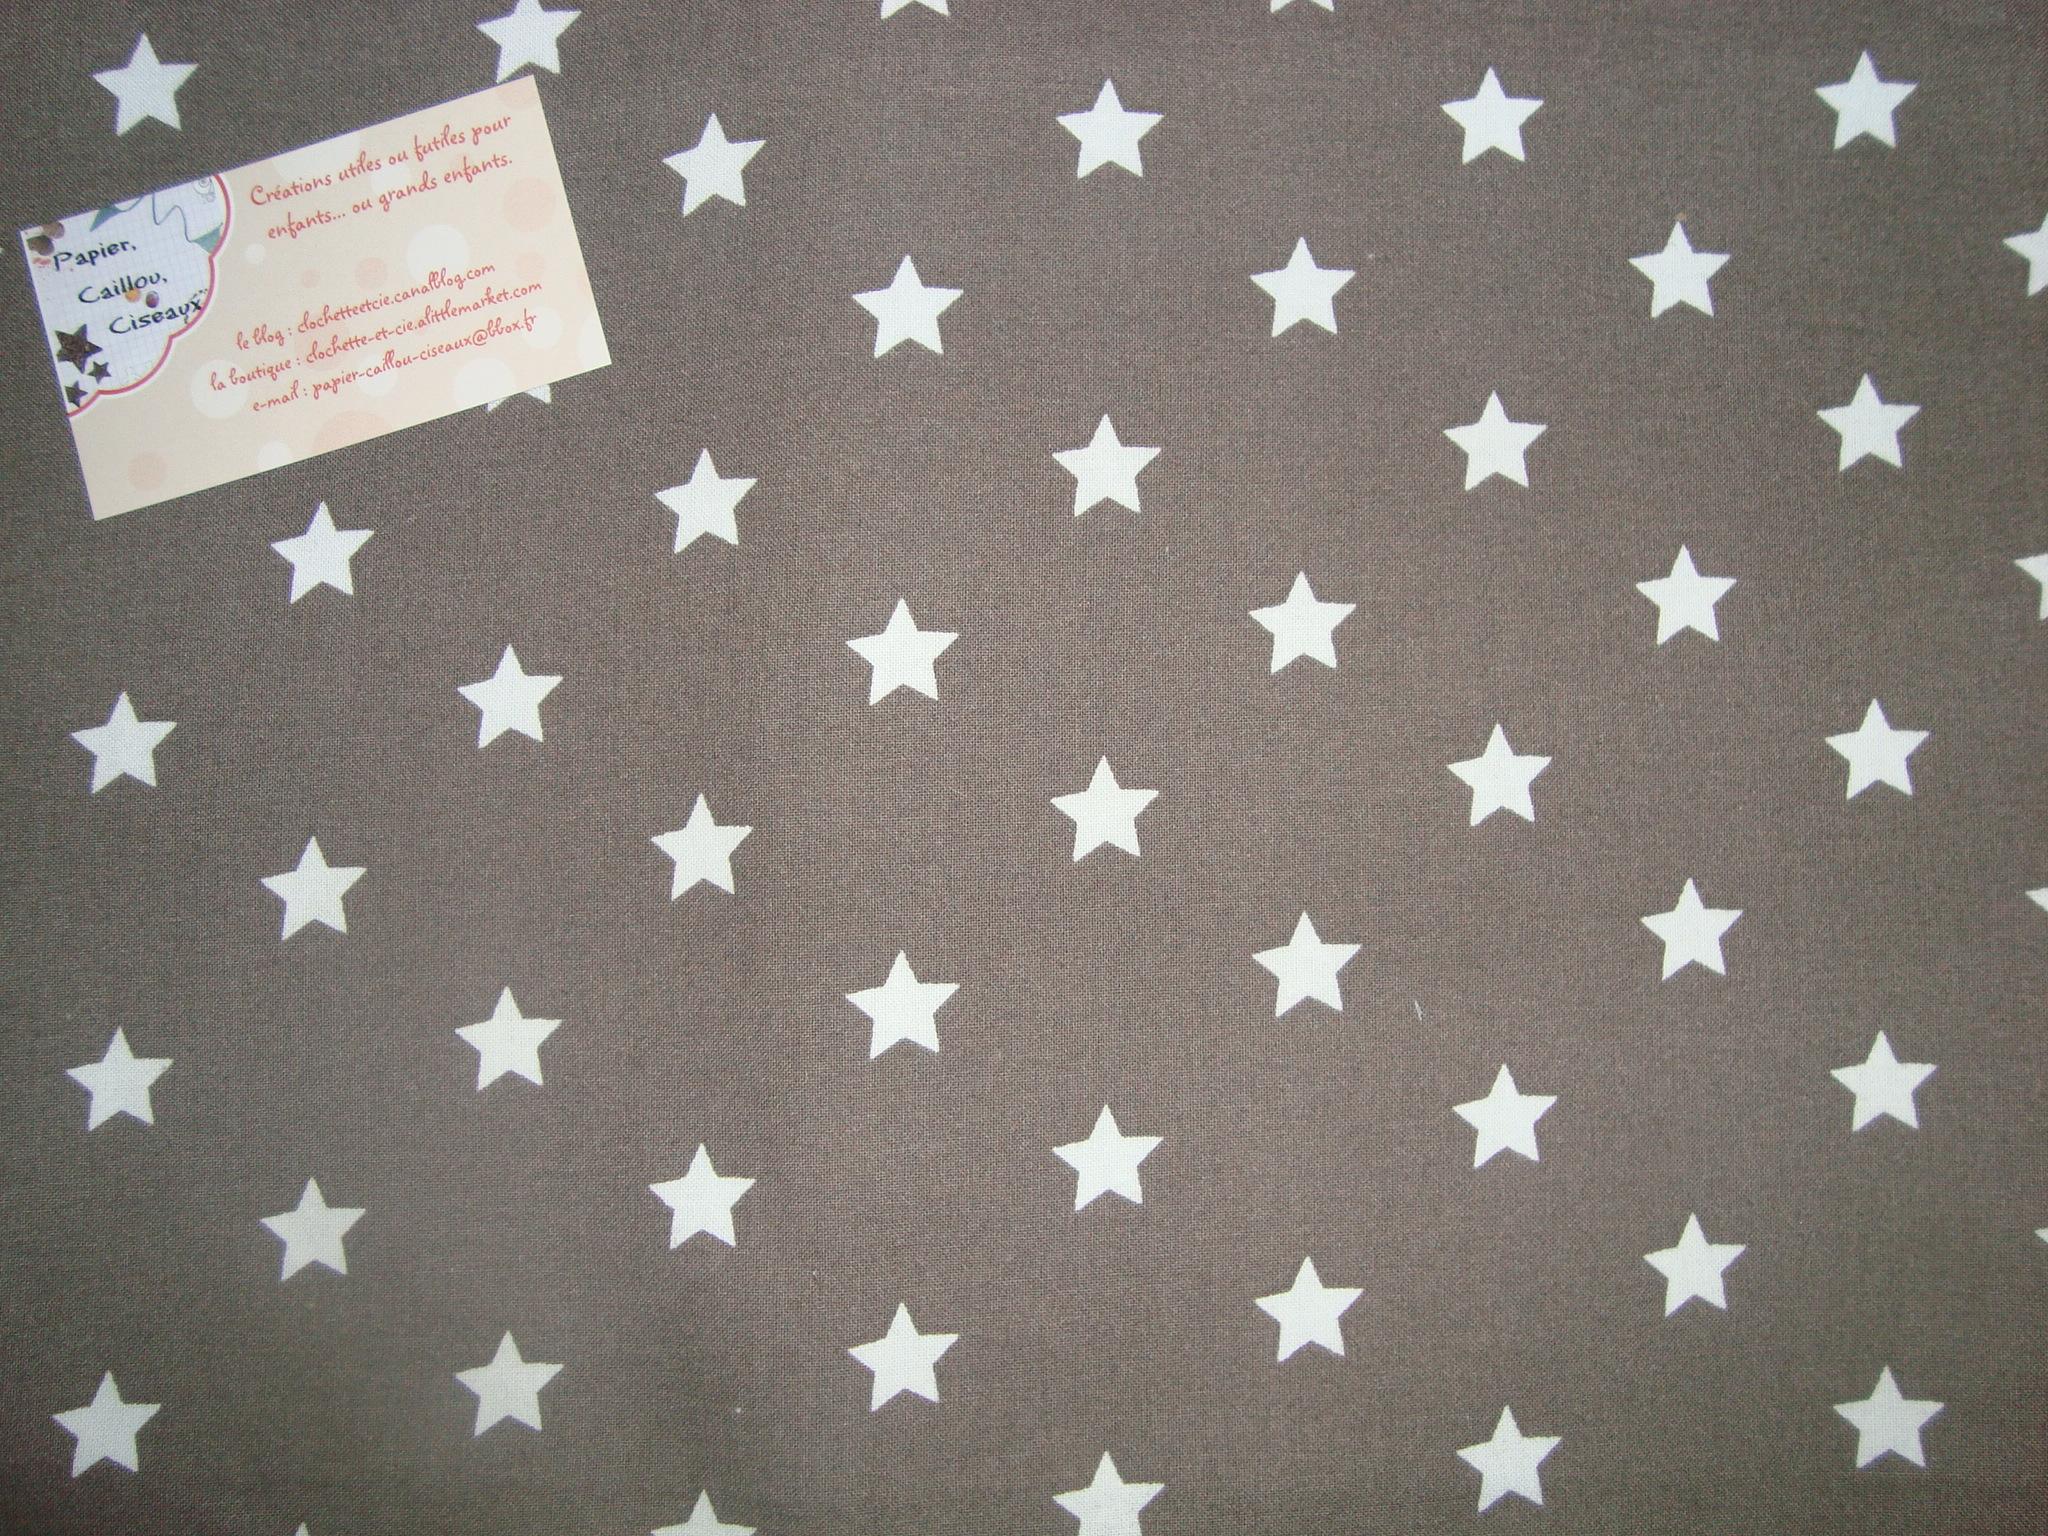 Etoiles 1,7cm fond gris foncé